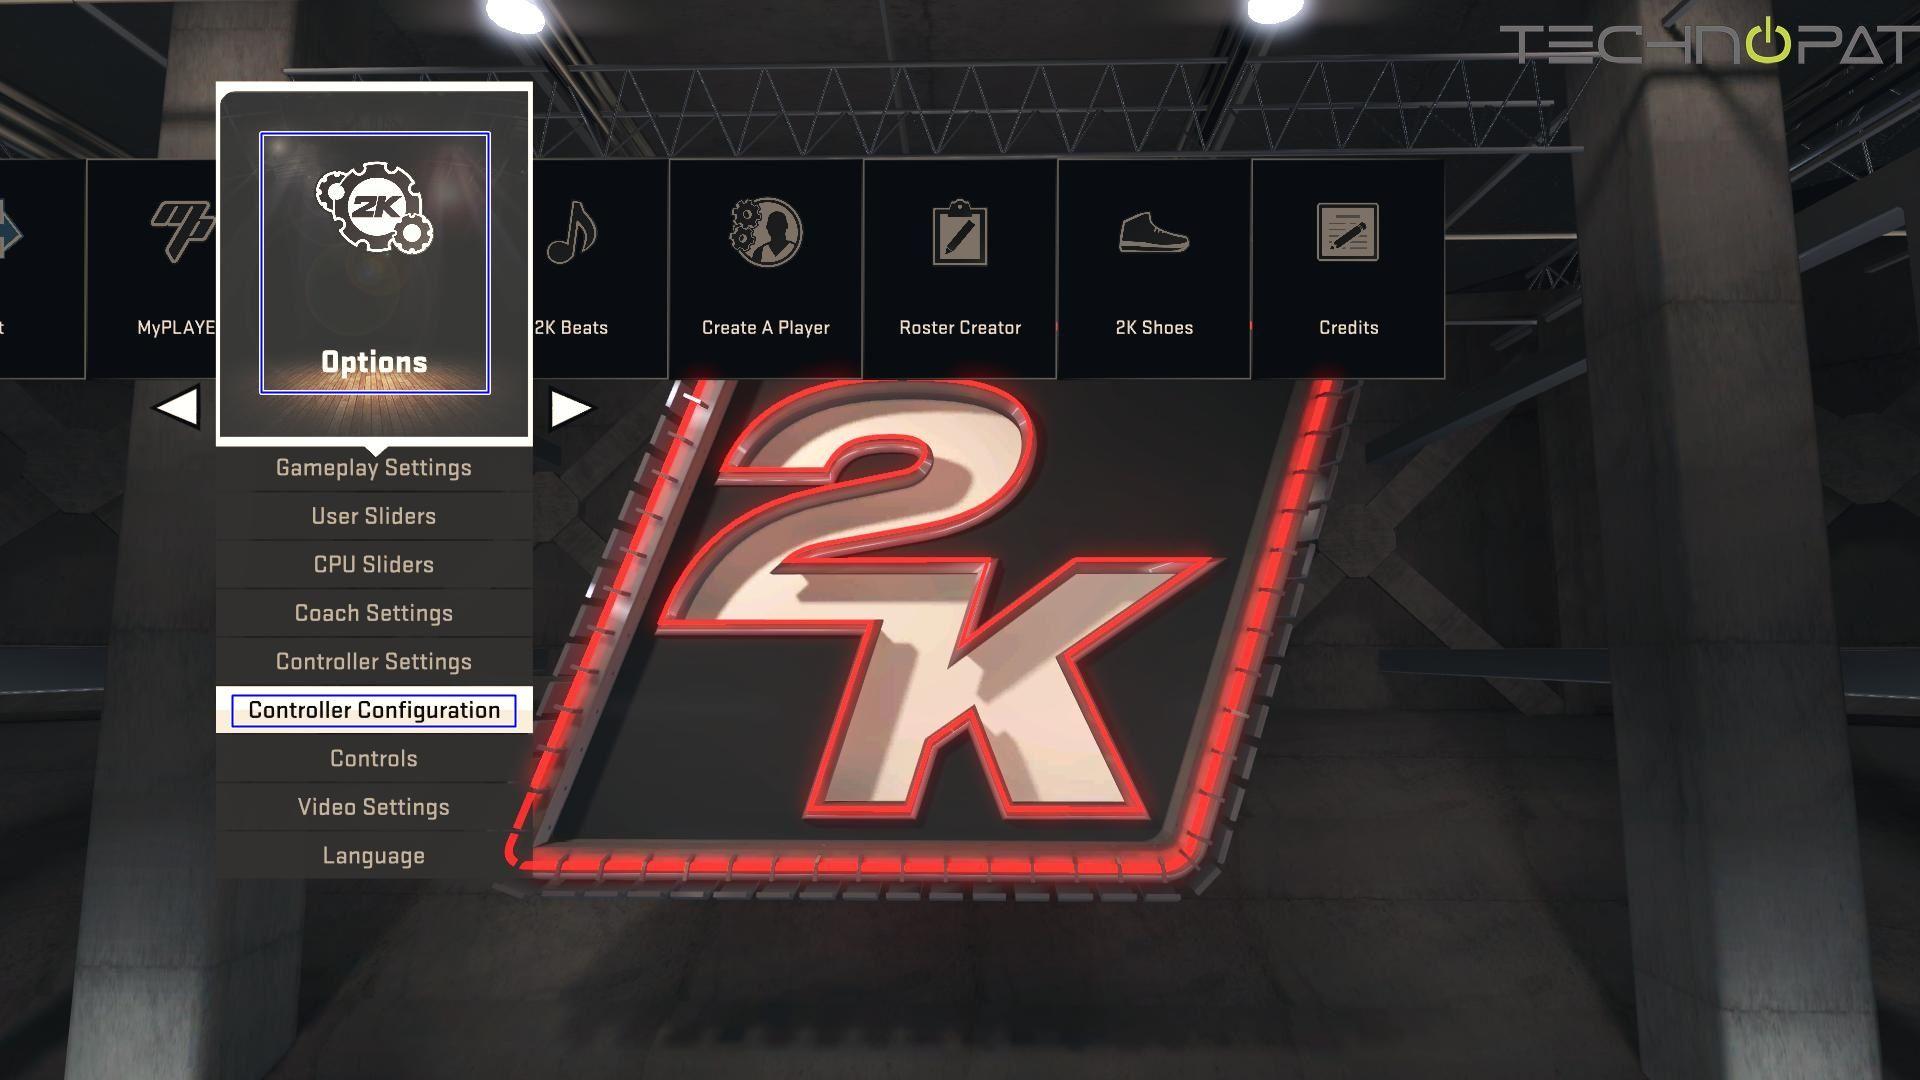 NBA 2K15 Klavye ve Gamepad Tuş Ayarları - Technopat Sosyal